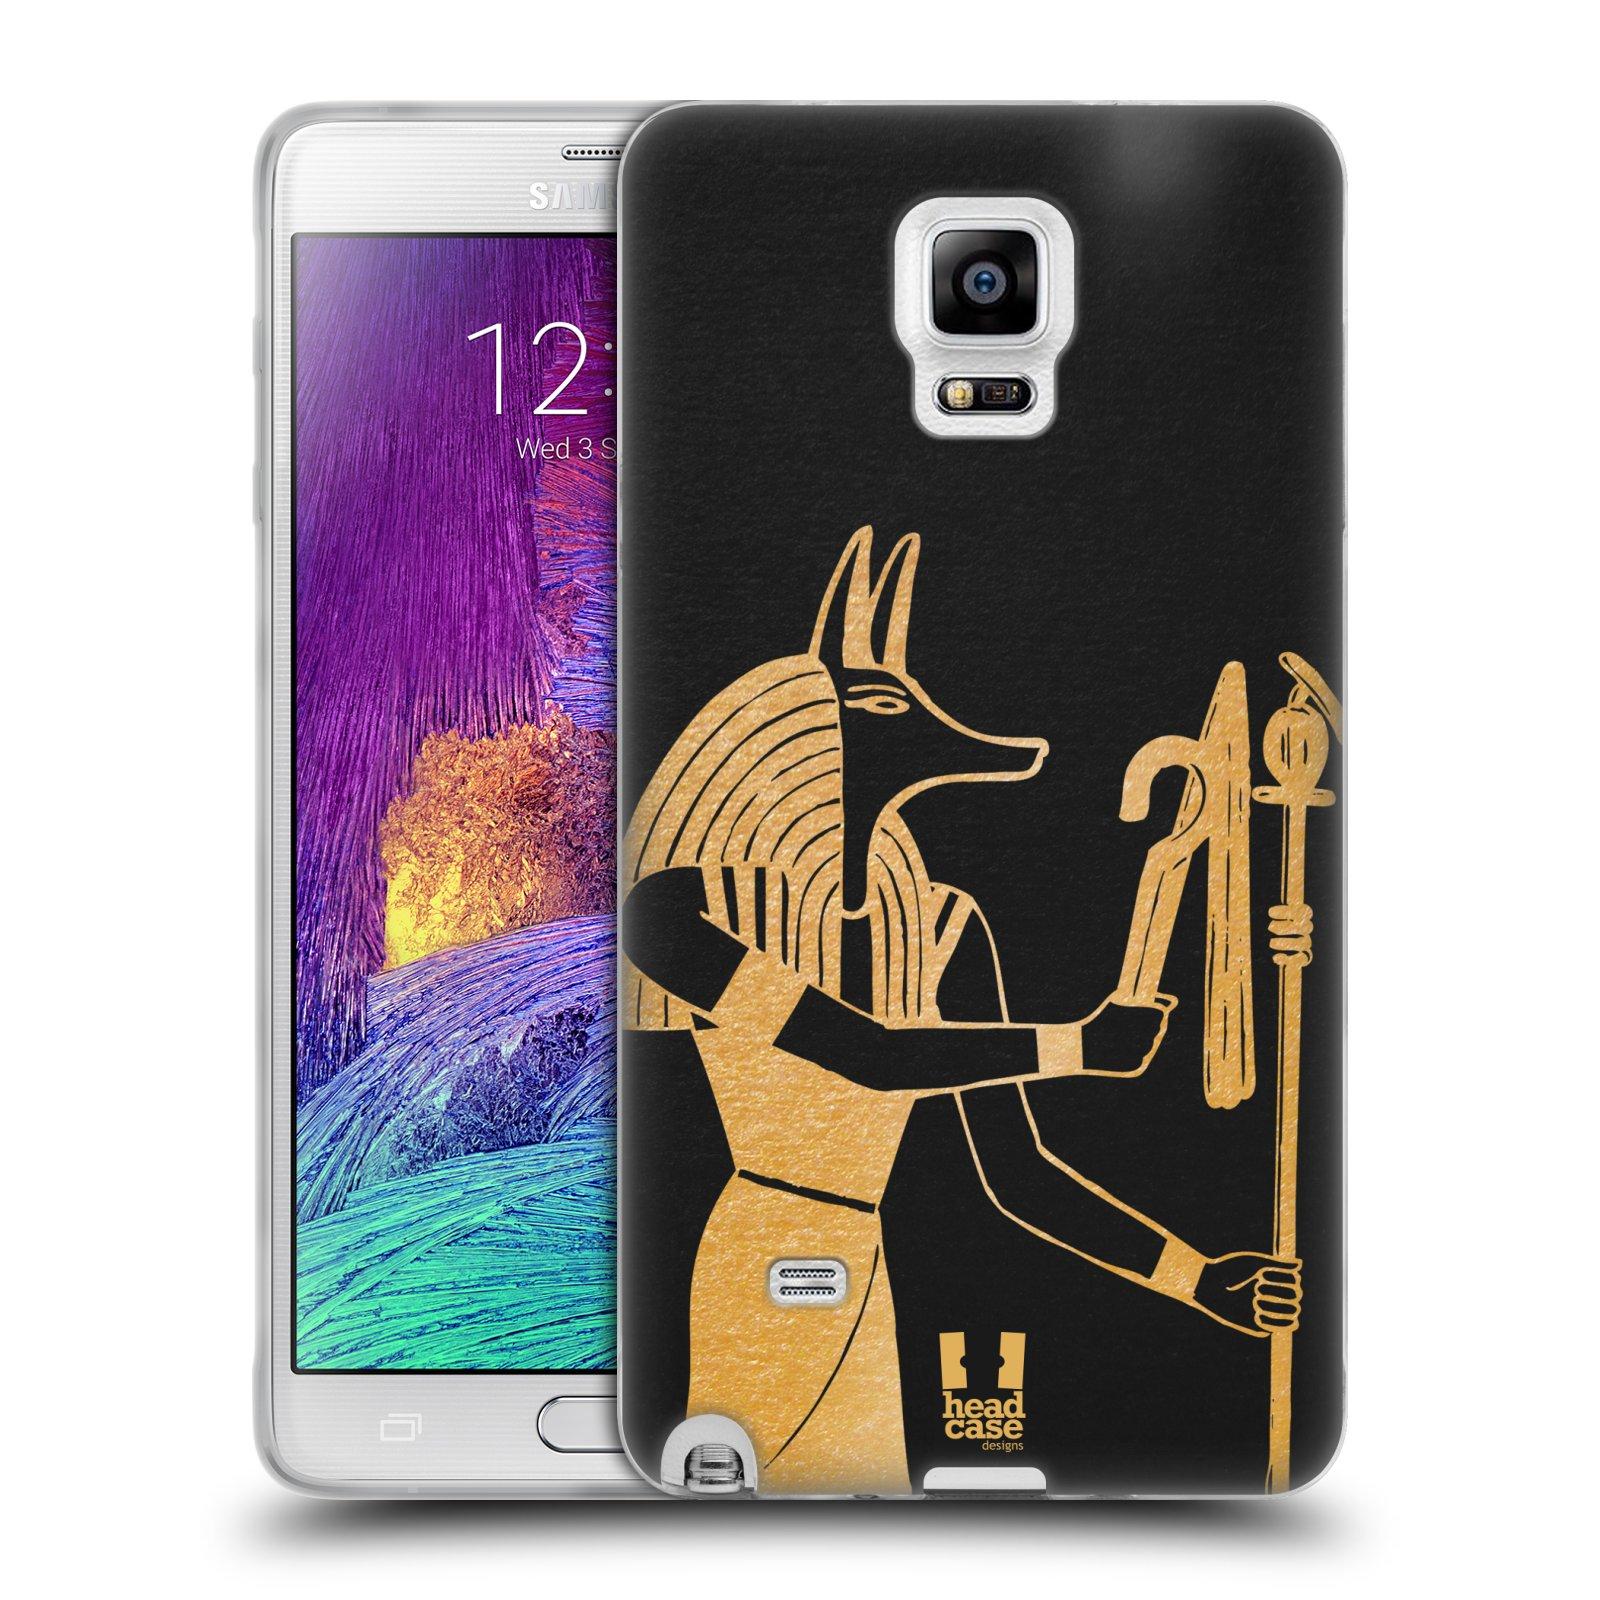 Silikonové pouzdro na mobil Samsung Galaxy Note 4 HEAD CASE EGYPT ANUBIS (Silikonový kryt či obal na mobilní telefon Samsung Galaxy Note 4 SM-N910F)